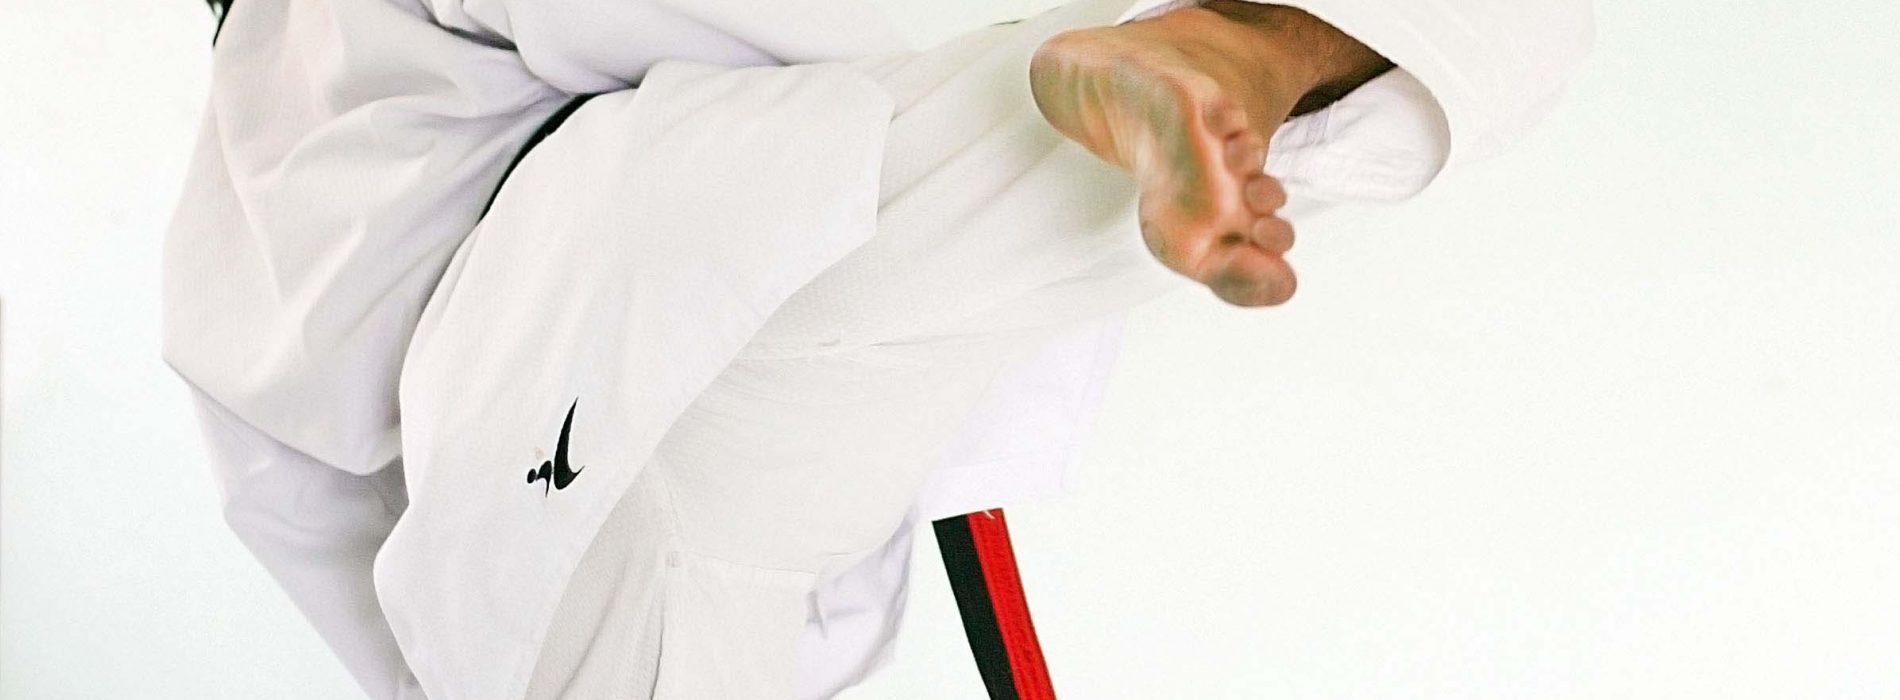 Major boost for Lesotho taekwondo